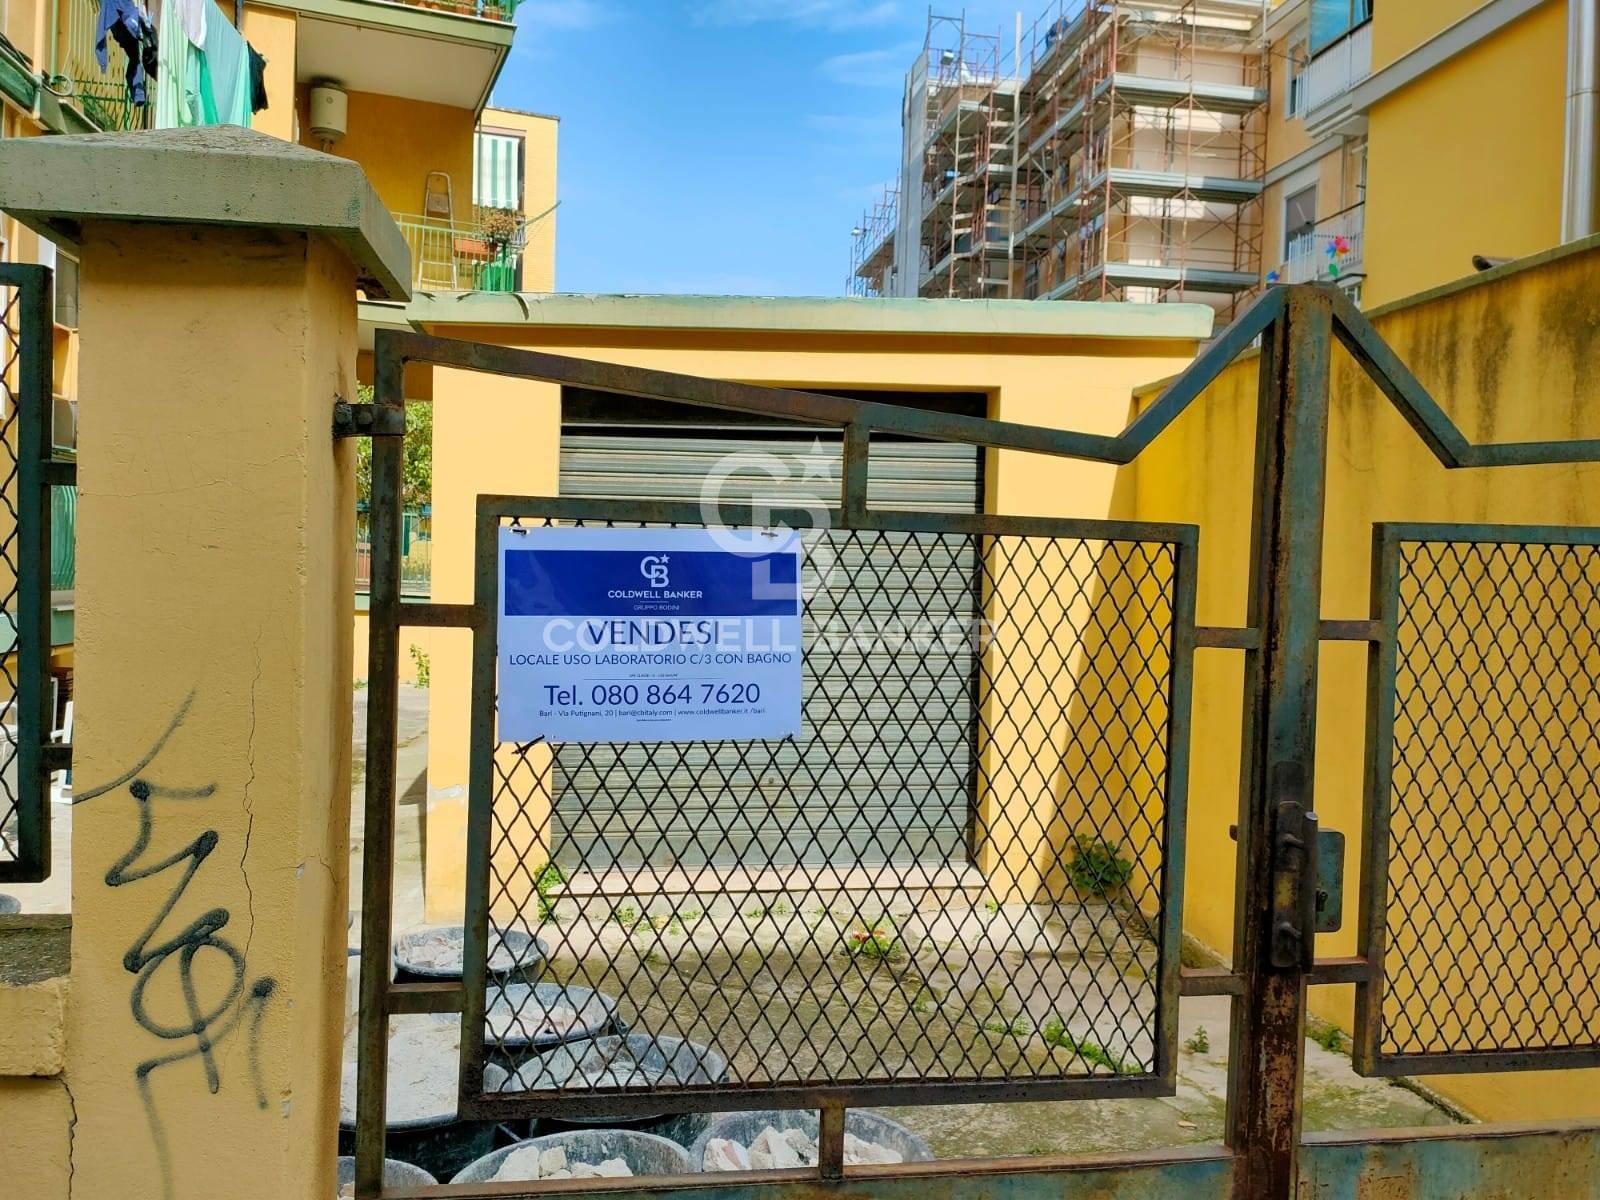 Laboratorio in vendita a Bari (BA)